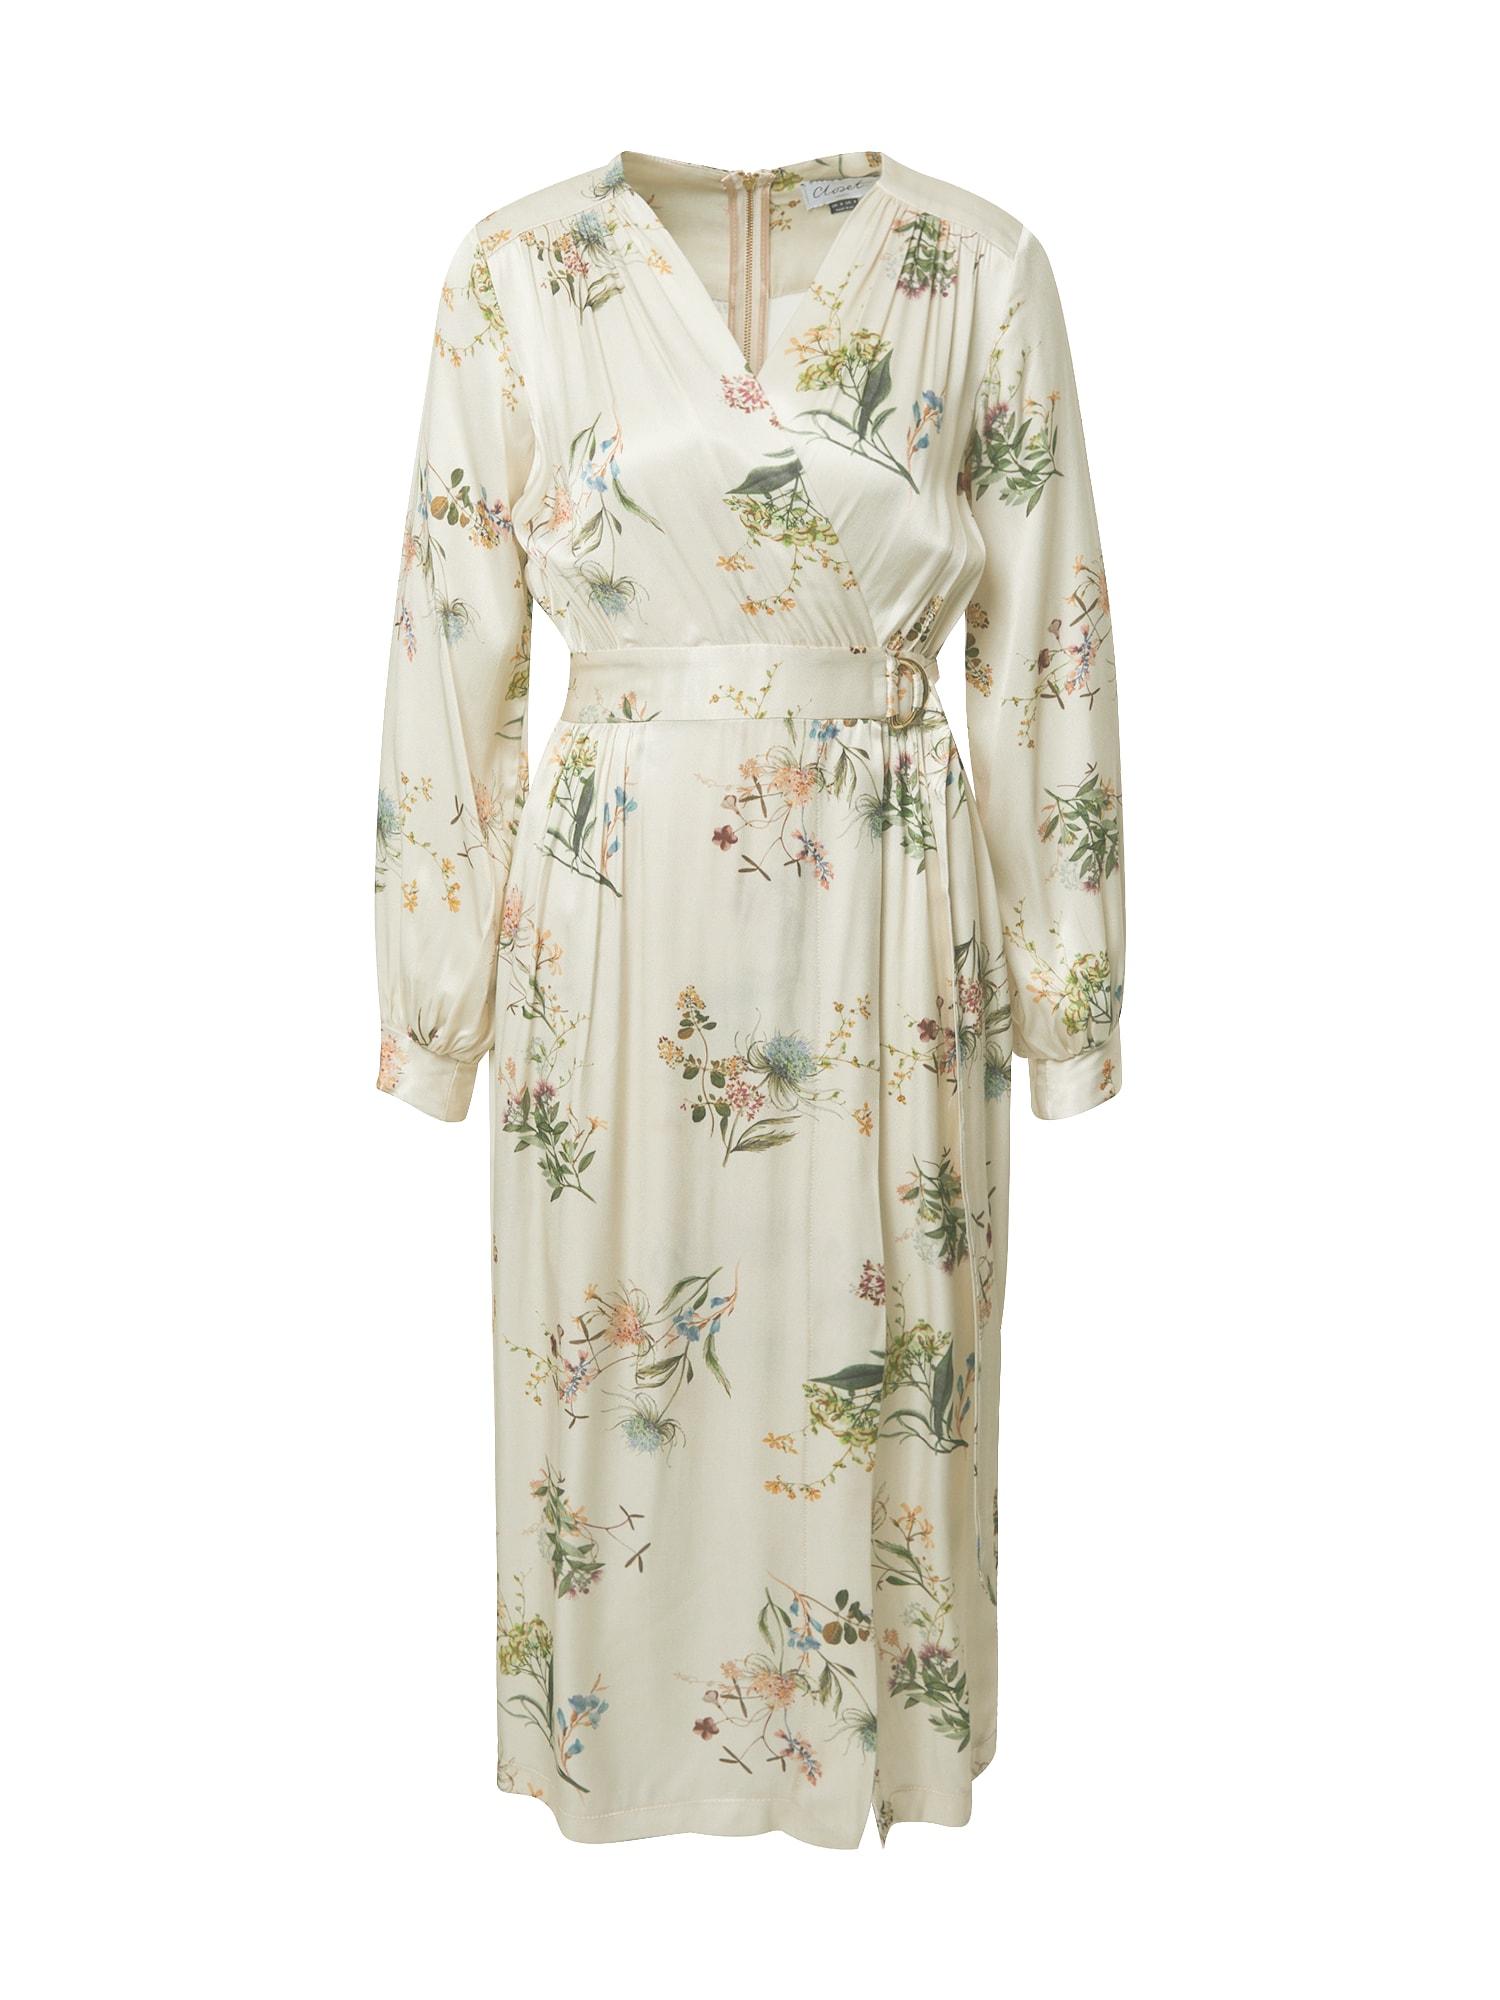 Closet London Suknelė kremo / mišrios spalvos